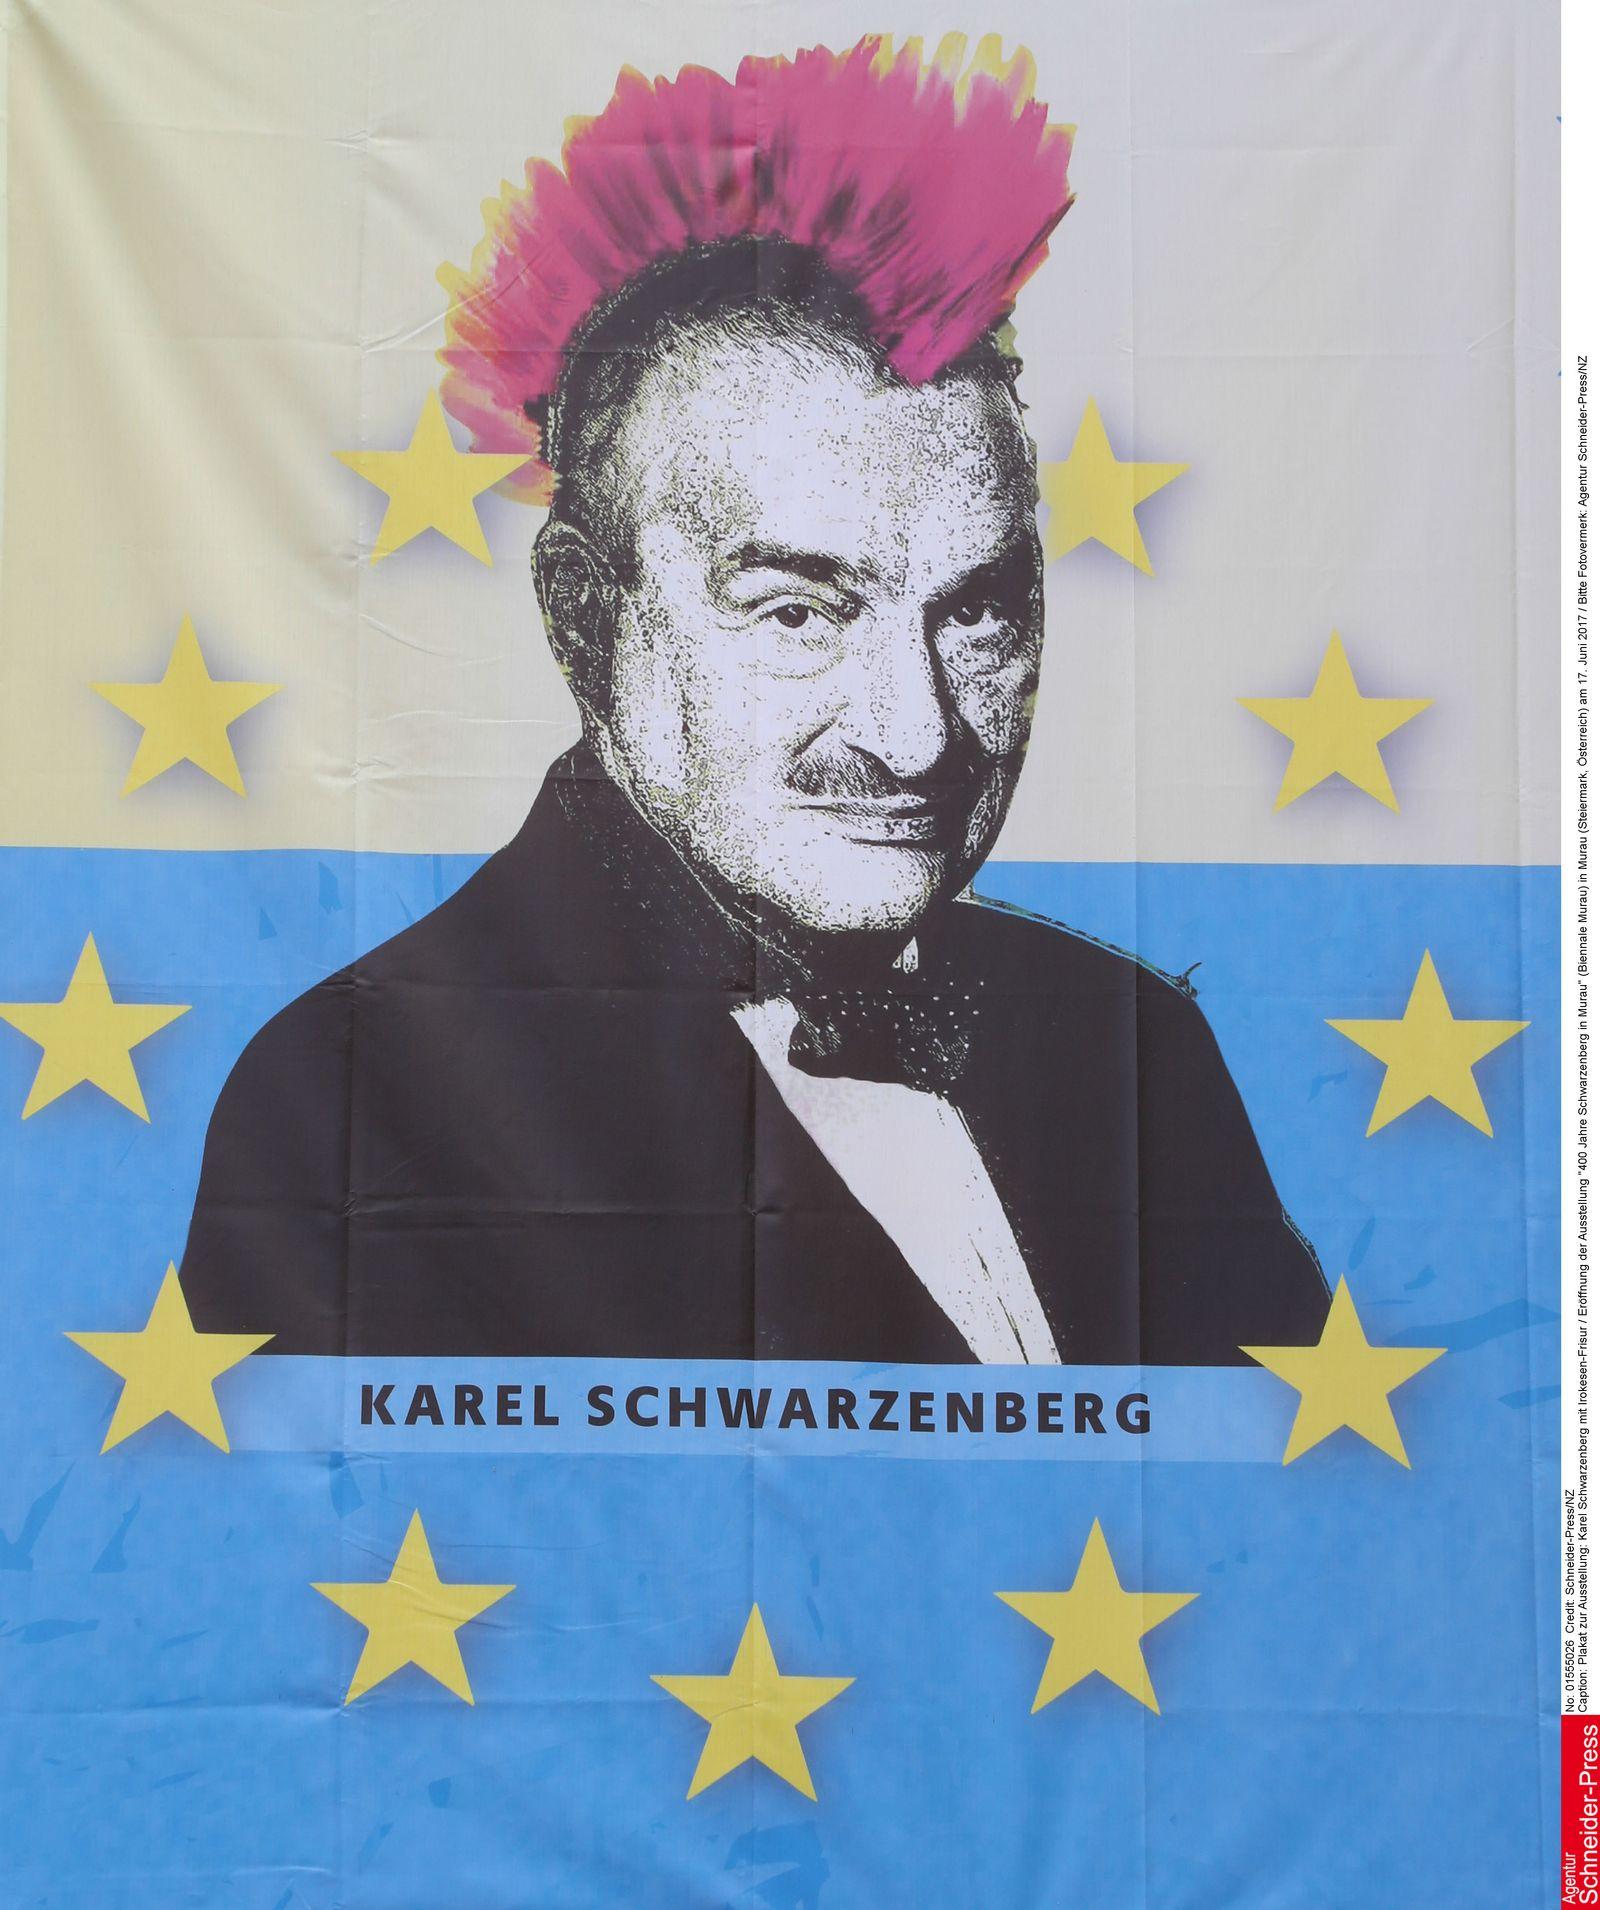 EINMALIGE VERWENDUNG SPIEGEL Plus SPIEGEL 51/2017 S. 80 Osteuropa / Schwarzenberg-Karikatur